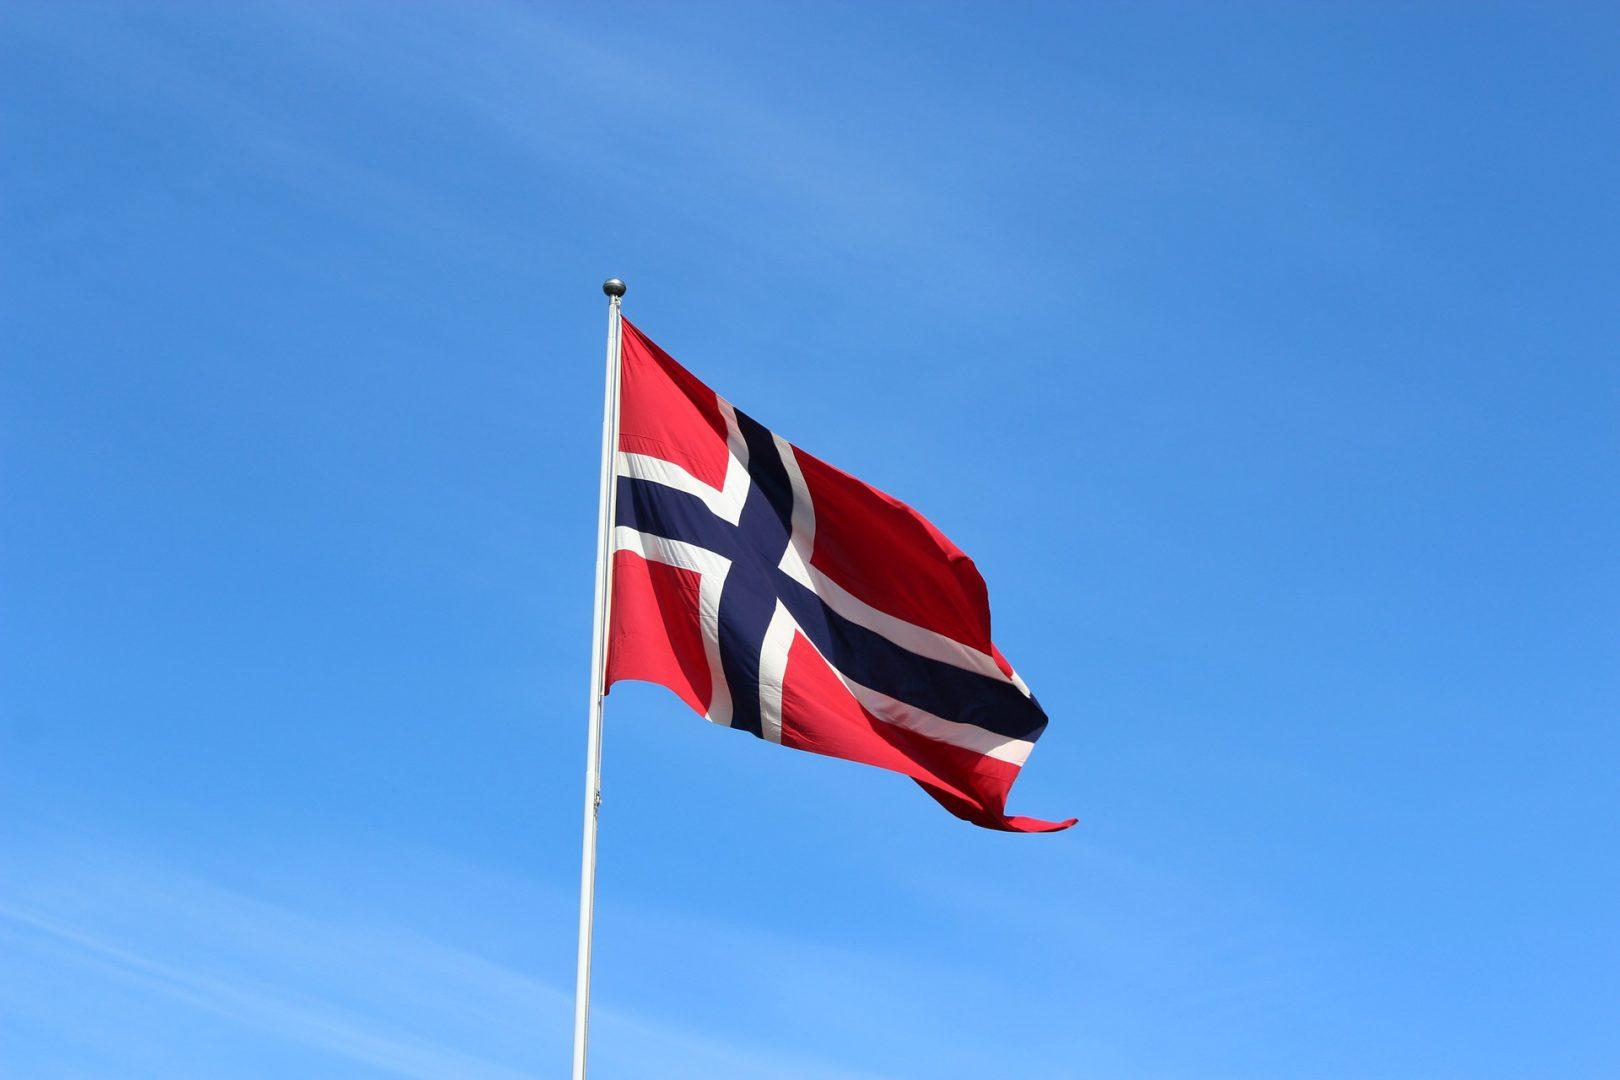 В Норвегии для защиты от COVID-19 рекомендуют надевать на лицо сразу две маски В Норвегии для защиты от COVID-19 рекомендуют надевать по две маски одновременно В Норвегии рассматривают введение рекомендации по ношению двух медицинских масок одновременно Специалисты норвежской системы здравоохранения рассматривают возможность ввести рекомендацию по ношению двух масок одновременно для более эффективной защиты от коронавируса, сообщила норвежская телерадиокомпания NRK. — Американское исследование показывает, что надетые одна поверх другой две маски могут обеспечить большую безопасность от заражения коронавирусной инфекцией. Норвежские власти в сфере здравоохранения рассматривают возможность введения такой рекомендации,— говорится в сообщении. Фотографии американского ученого-инфекциониста Энтони Фаучи в двух масках, надетых одна поверх другой, облетели многие СМИ – по мнению американца, это может быть разумно с точки зрения безопасности. Эту гипотезу подтвердило американское исследование, результаты которого стали известны на этой неделе, отмечает телекомпания. Помощник главы норвежского директората по здравоохранению Эспен Роструп Накстад, который прежде скептически относился к идее использования двух масок, после ознакомления с результатами исследования признал, что этот метод может быть эффективен. Эксперт объяснила, как продлить срок службы тканевой маски — Этот метод может дать значительный эффект в том случае, если одна маска надета не совсем правильно, поэтому может быть разумно использовать еще и верхнюю маску, которая прижмет нижнюю, медицинскую, чтобы под нее не проникала инфекция,— приводит телекомпания слова Накстада. Он отметил, что те маски, которые обычные жители в большинстве своем используют, не дают оптимальной защиты, поскольку недостаточно герметичны в отличие от тех, что использует медицинский персонал. Накстад сообщил телекомпании, что институт общественного здравоохранения рассмотрит новые рекомендации центра по контролю и профилактике заболевани